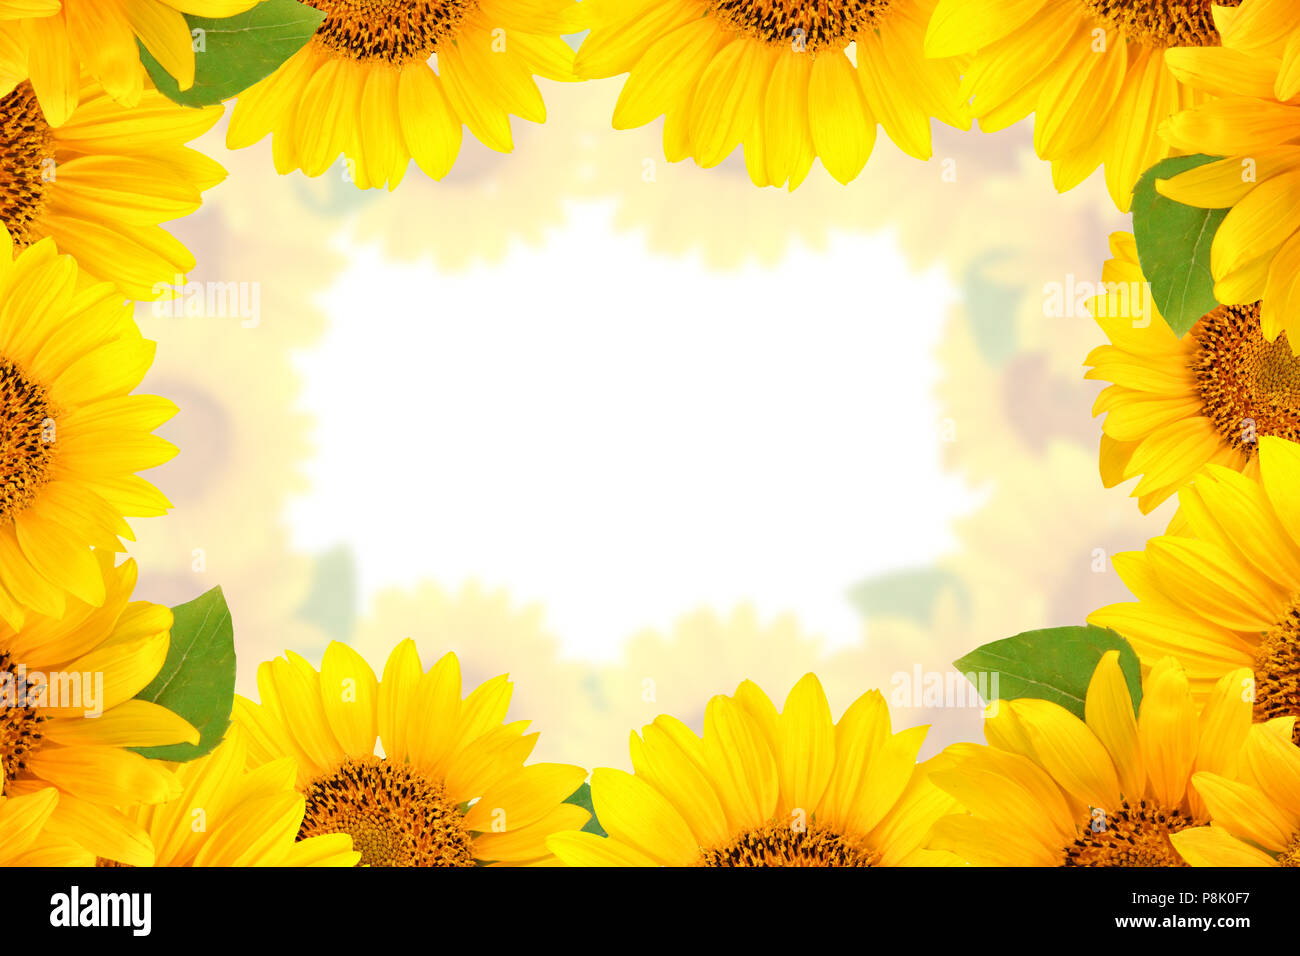 Ausgezeichnet Sonnenblumenbilderrahmen Bilder - Benutzerdefinierte ...